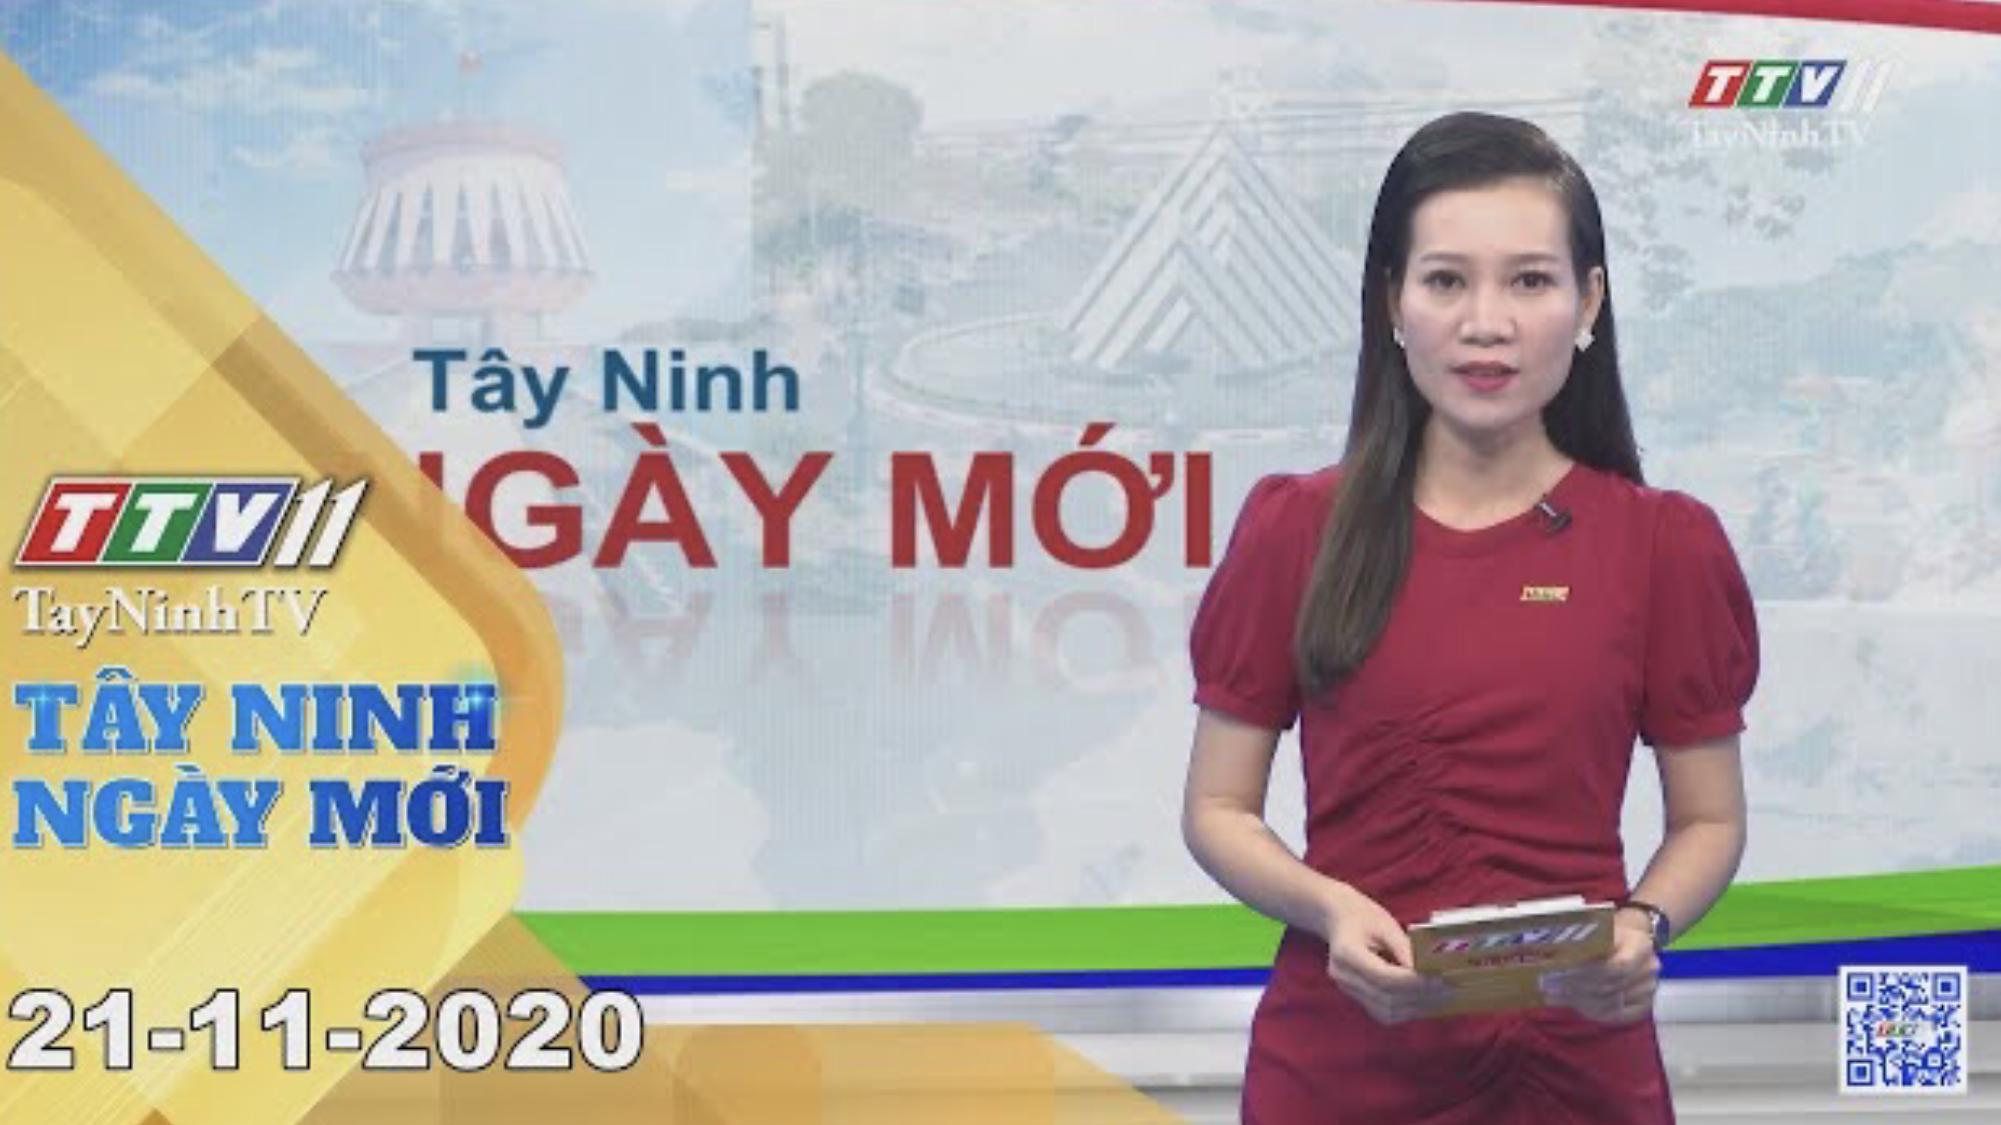 Tây Ninh Ngày Mới 21-11-2020 | Tin tức hôm nay | TayNinhTV